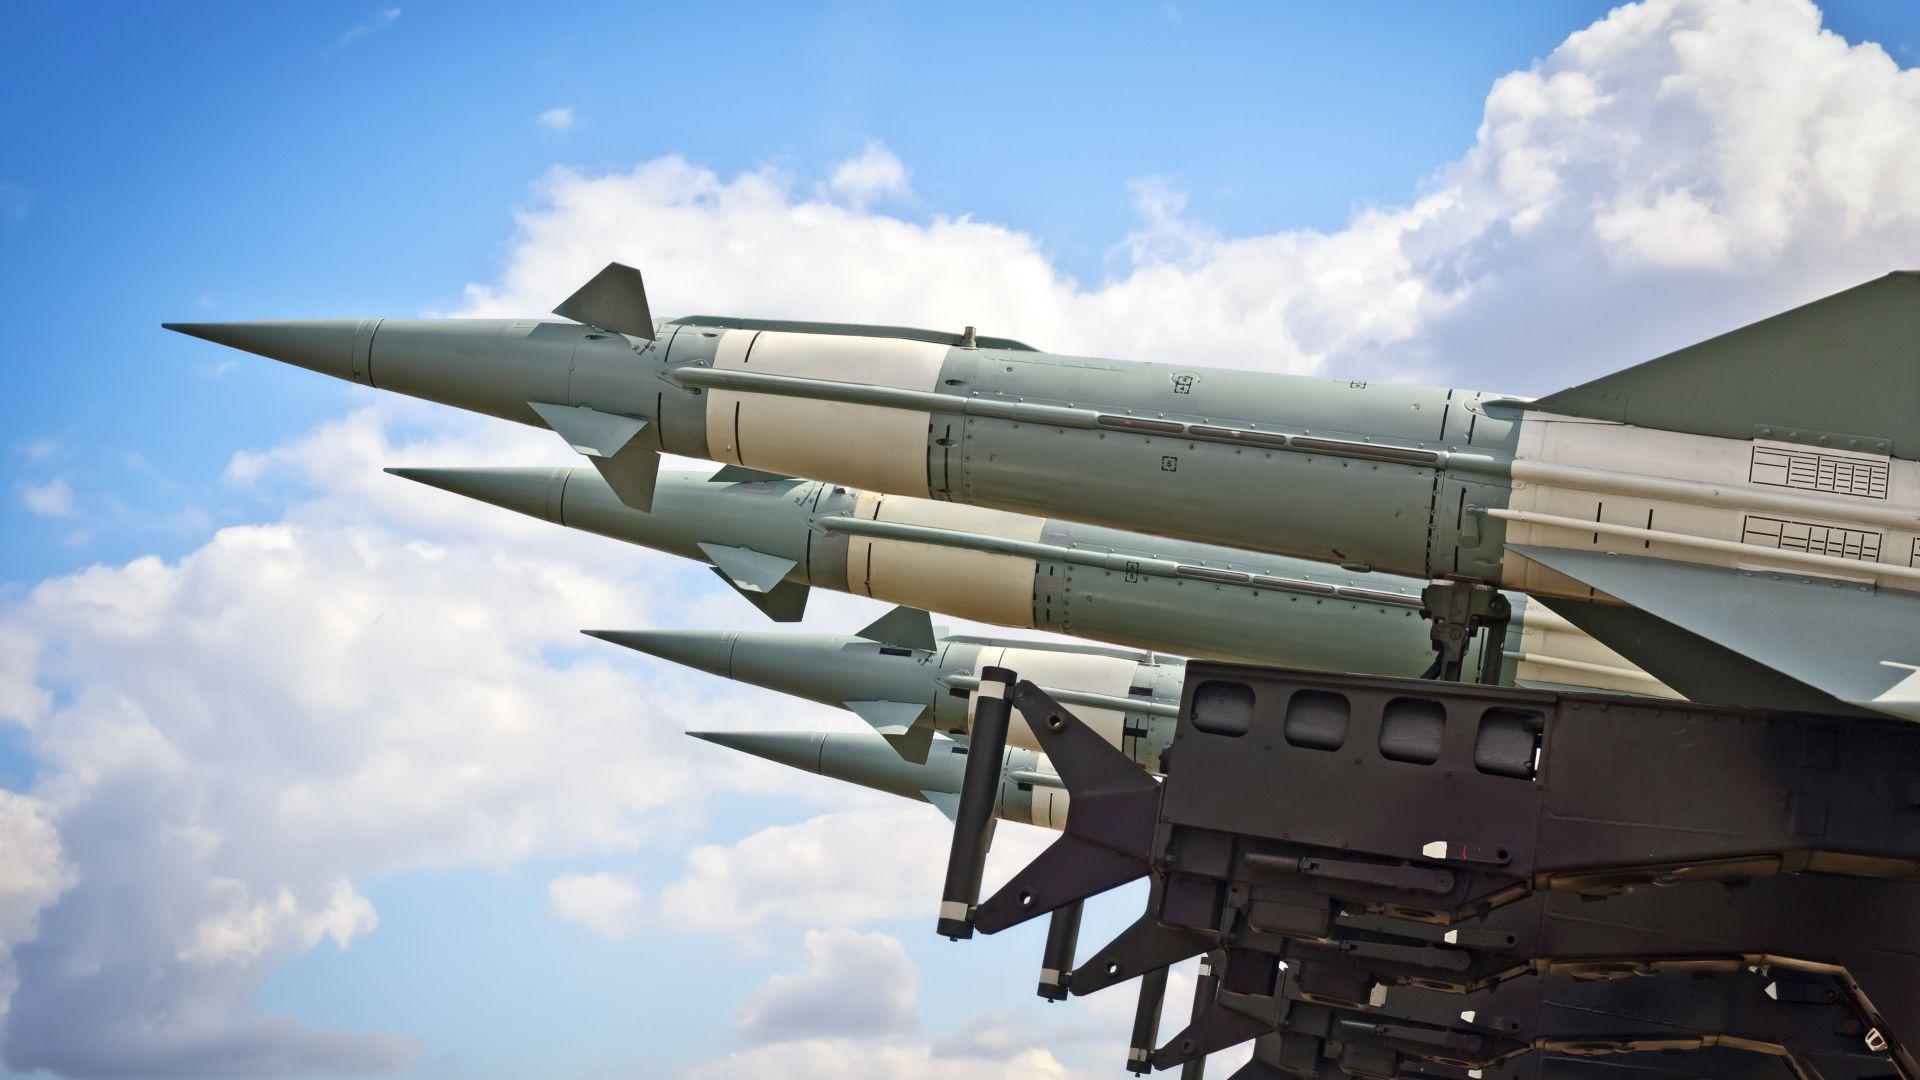 САЩ предупредиха за опасност от въздушни удари над Украйна